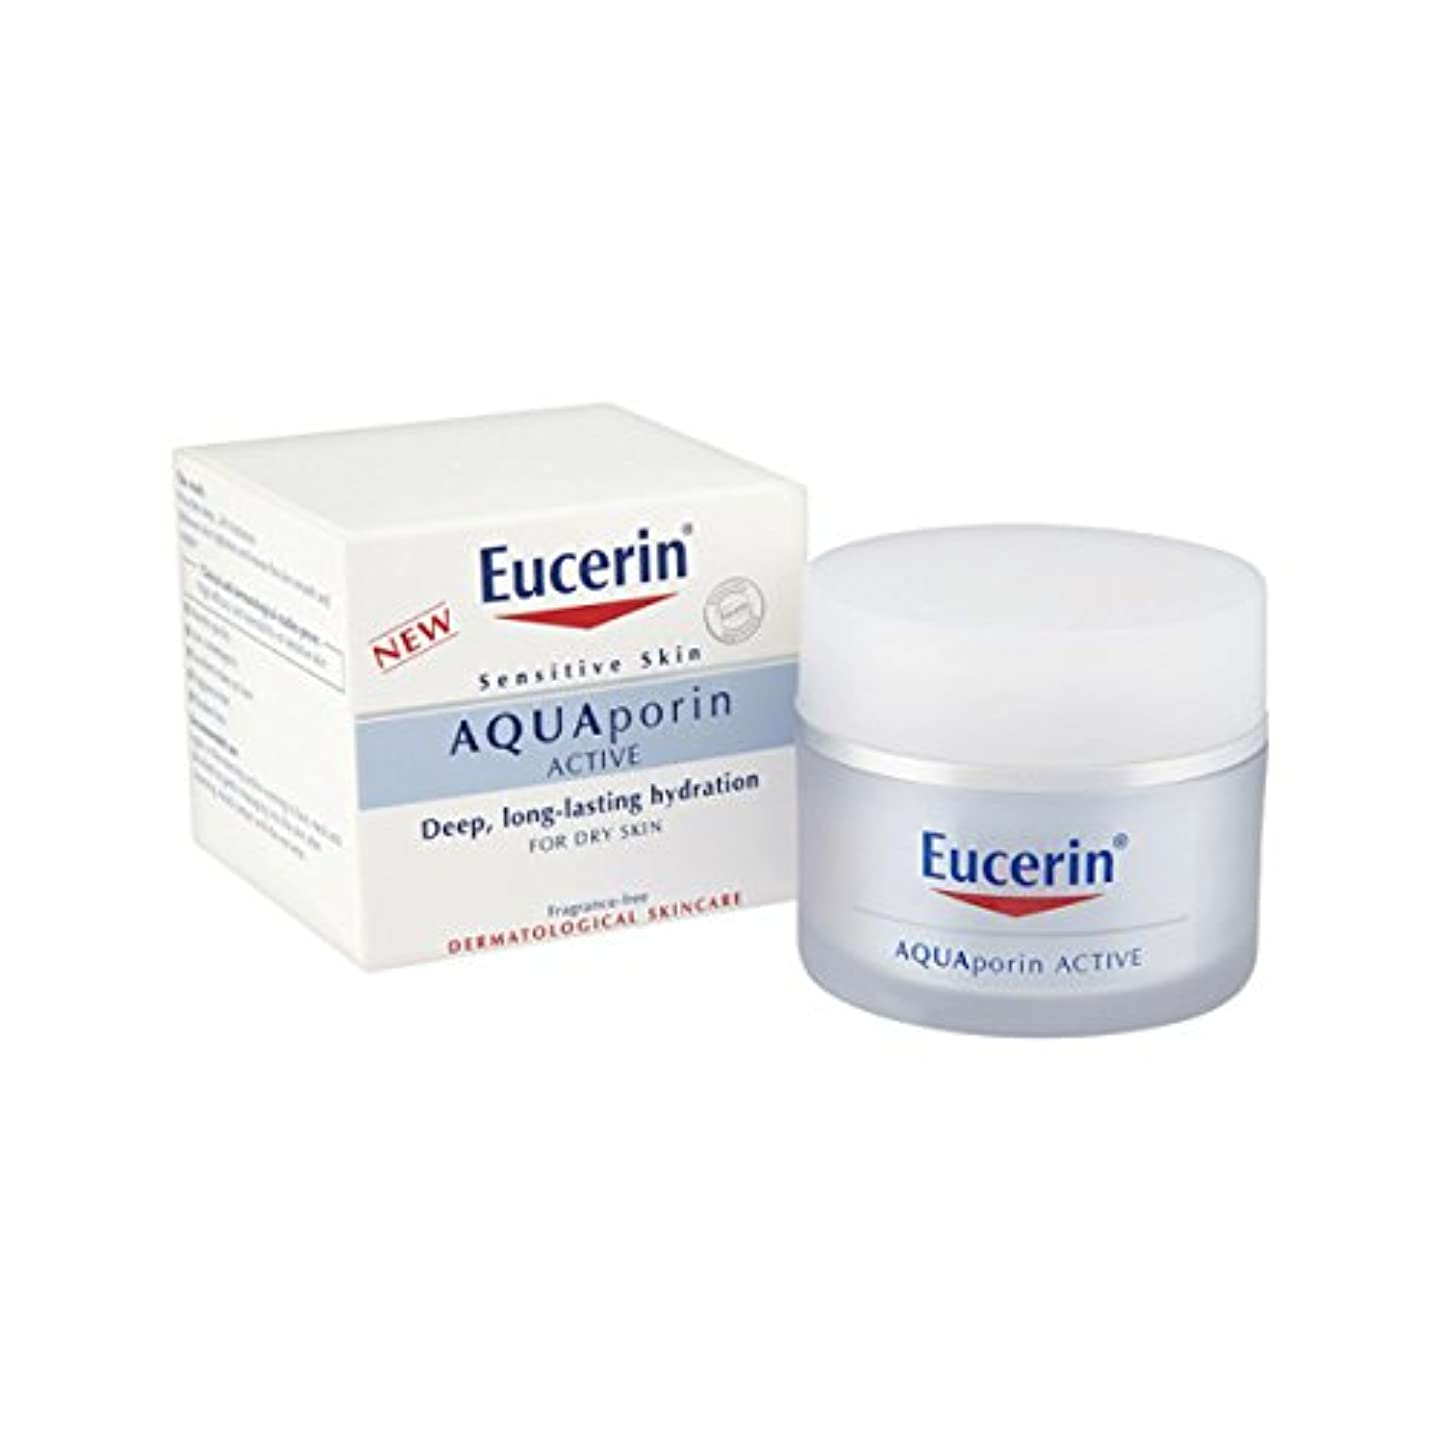 ディンカルビル符号熟達したEucerin Aquaporin Active Dry Skin 50ml [並行輸入品]